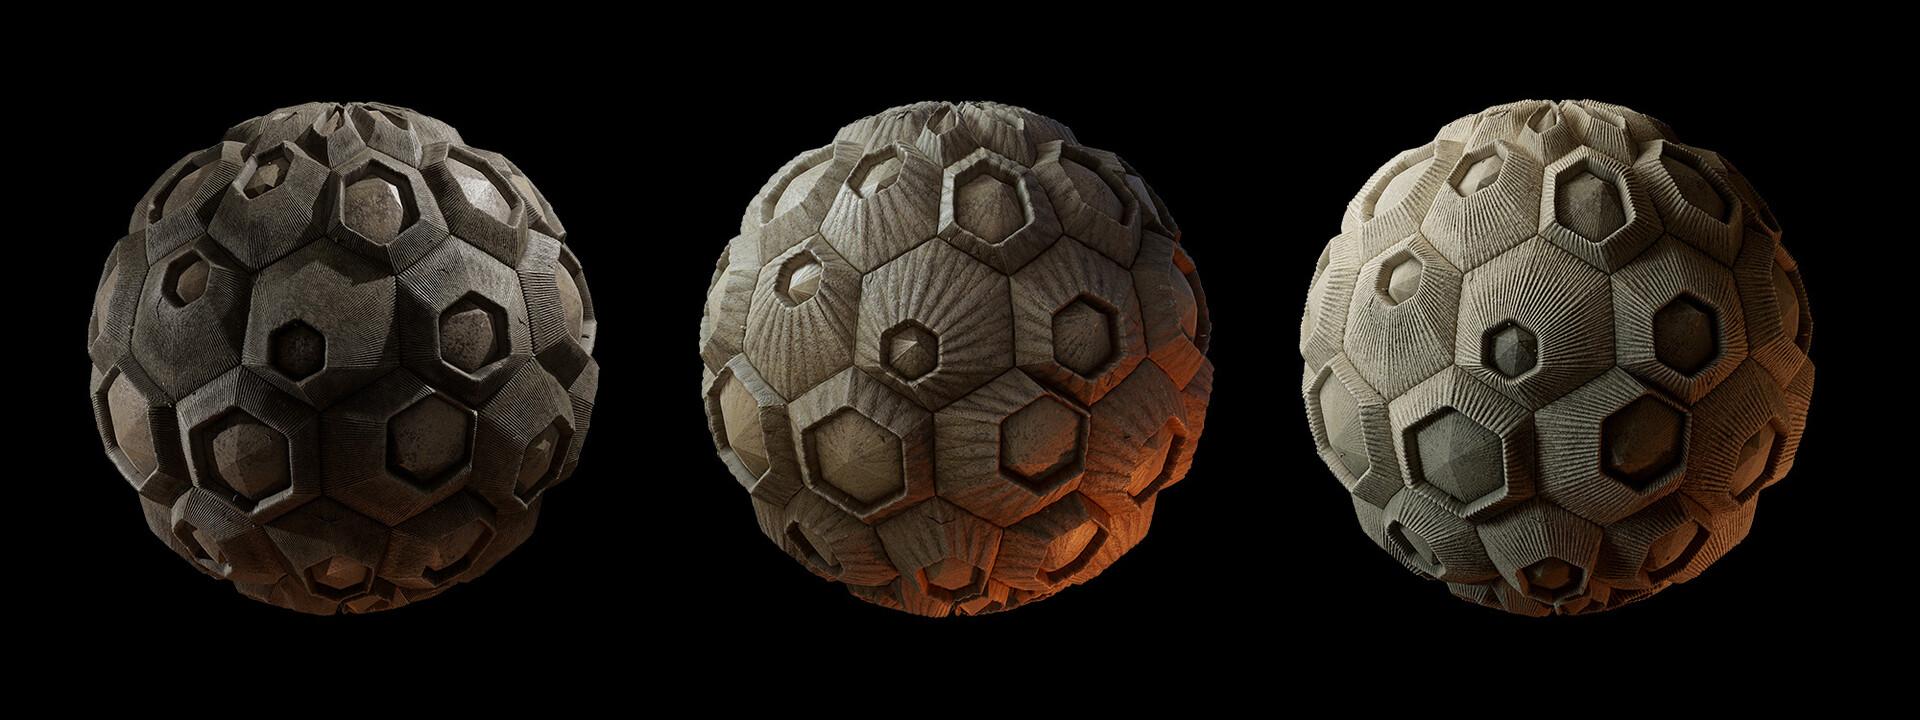 Ben wilson beauty 7 ball